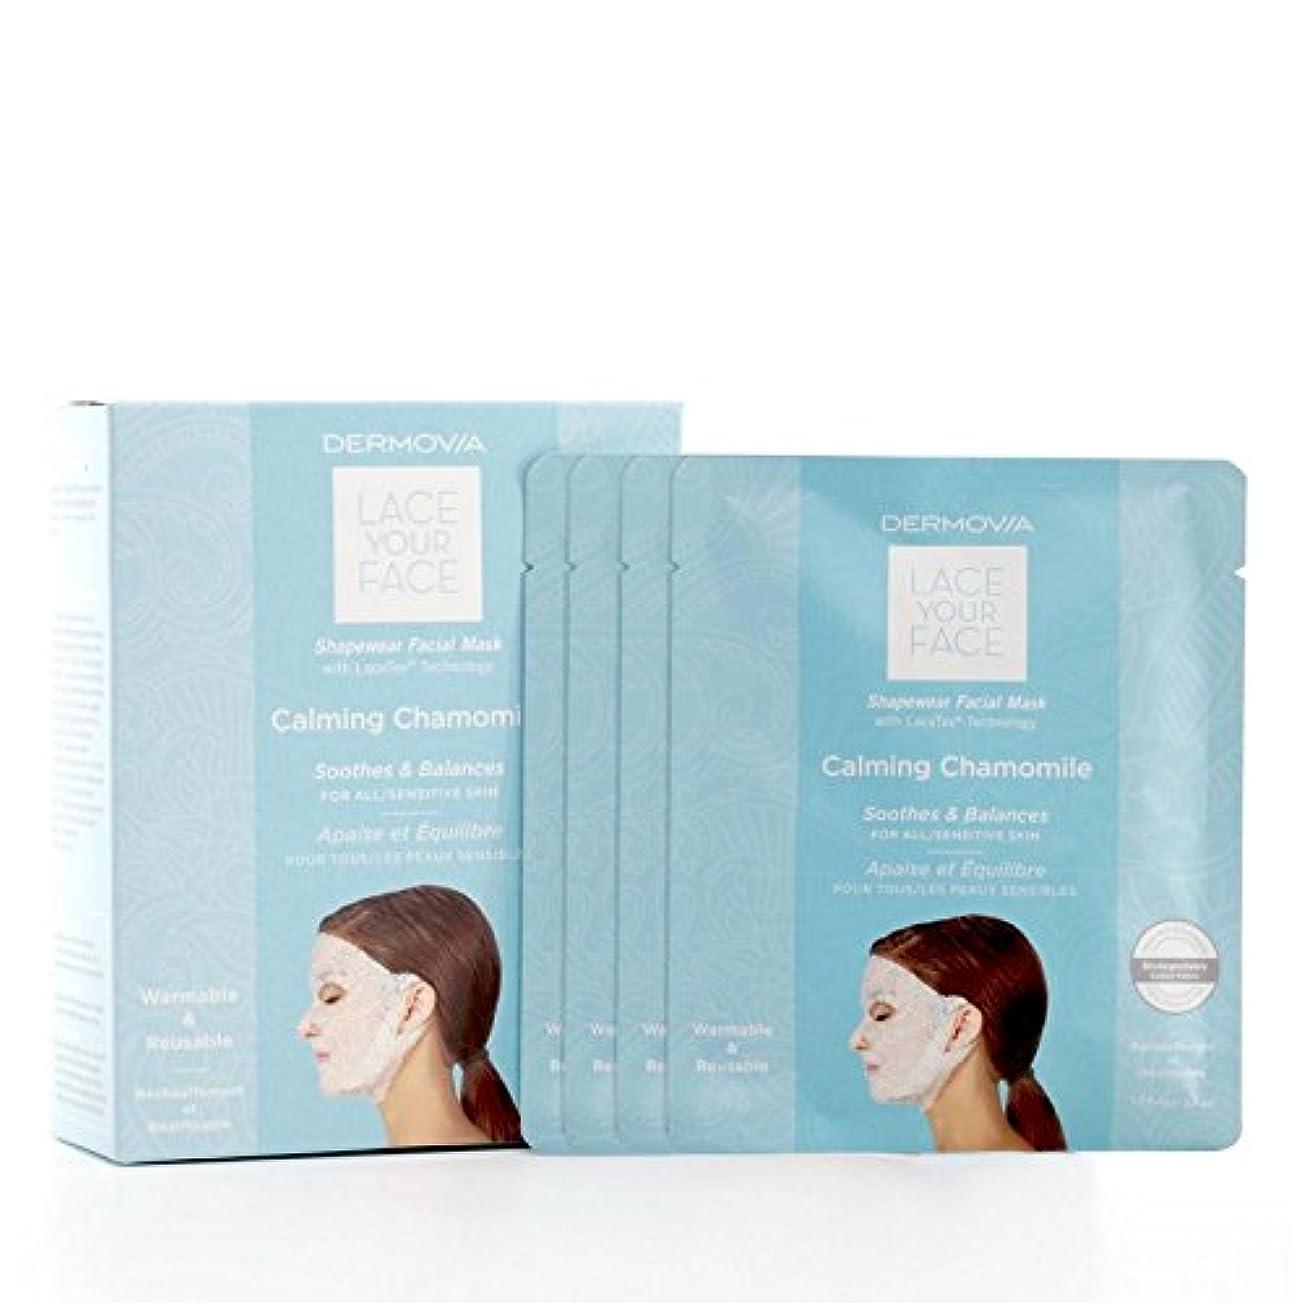 睡眠武装解除価格Dermovia Lace Your Face Compression Facial Mask Calming Chamomile - は、あなたの顔の圧縮フェイシャルマスク心を落ち着かせるカモミールをひもで締めます [...